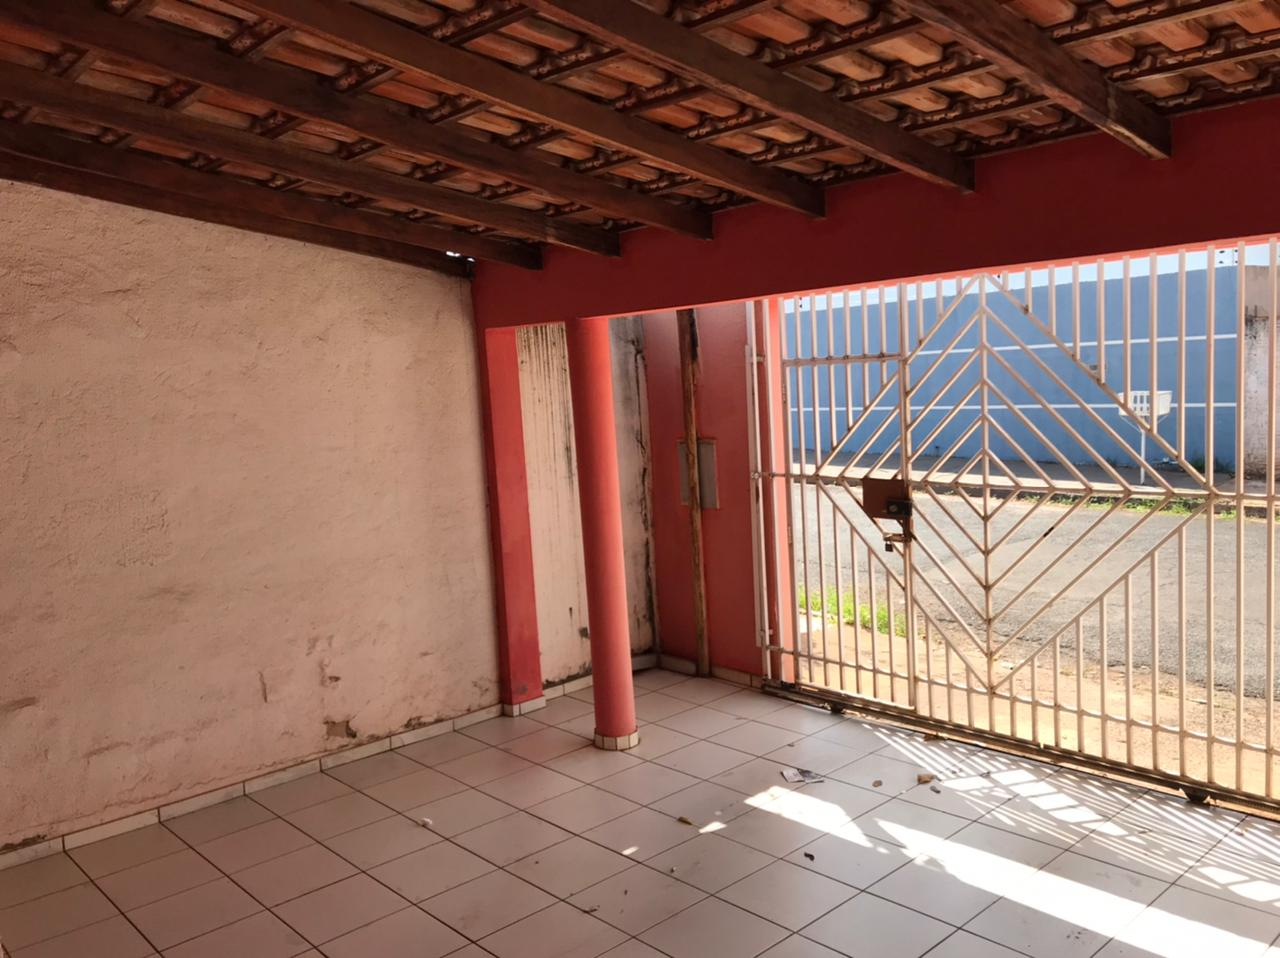 Casa  com 3 quartos no Morada do Ouro 2, Cuiabá  - MT